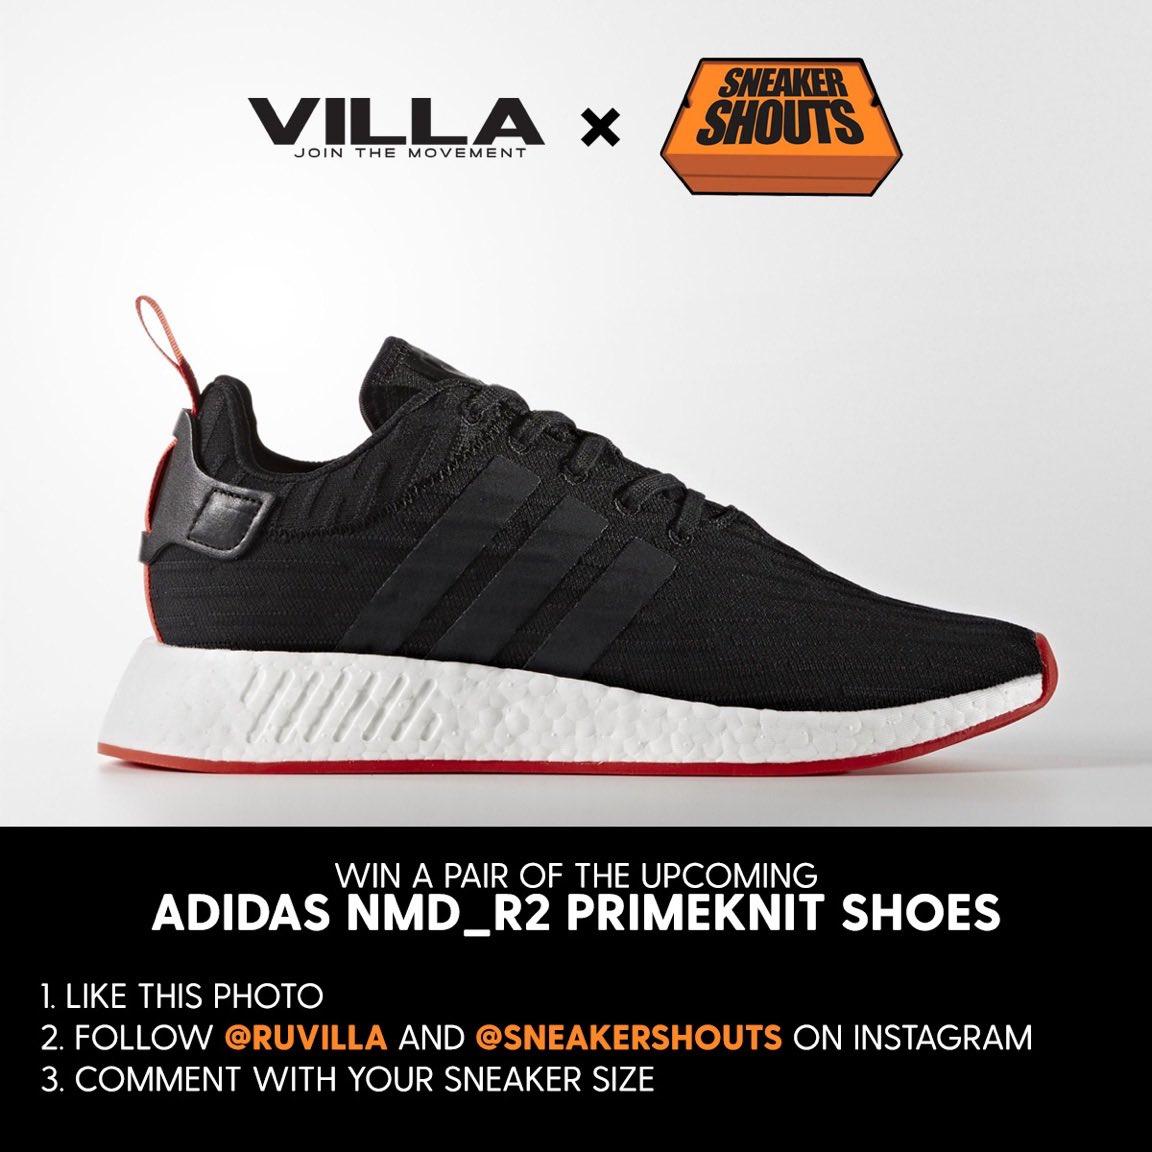 4645c9bece6 Sneaker Shouts™ on Twitter